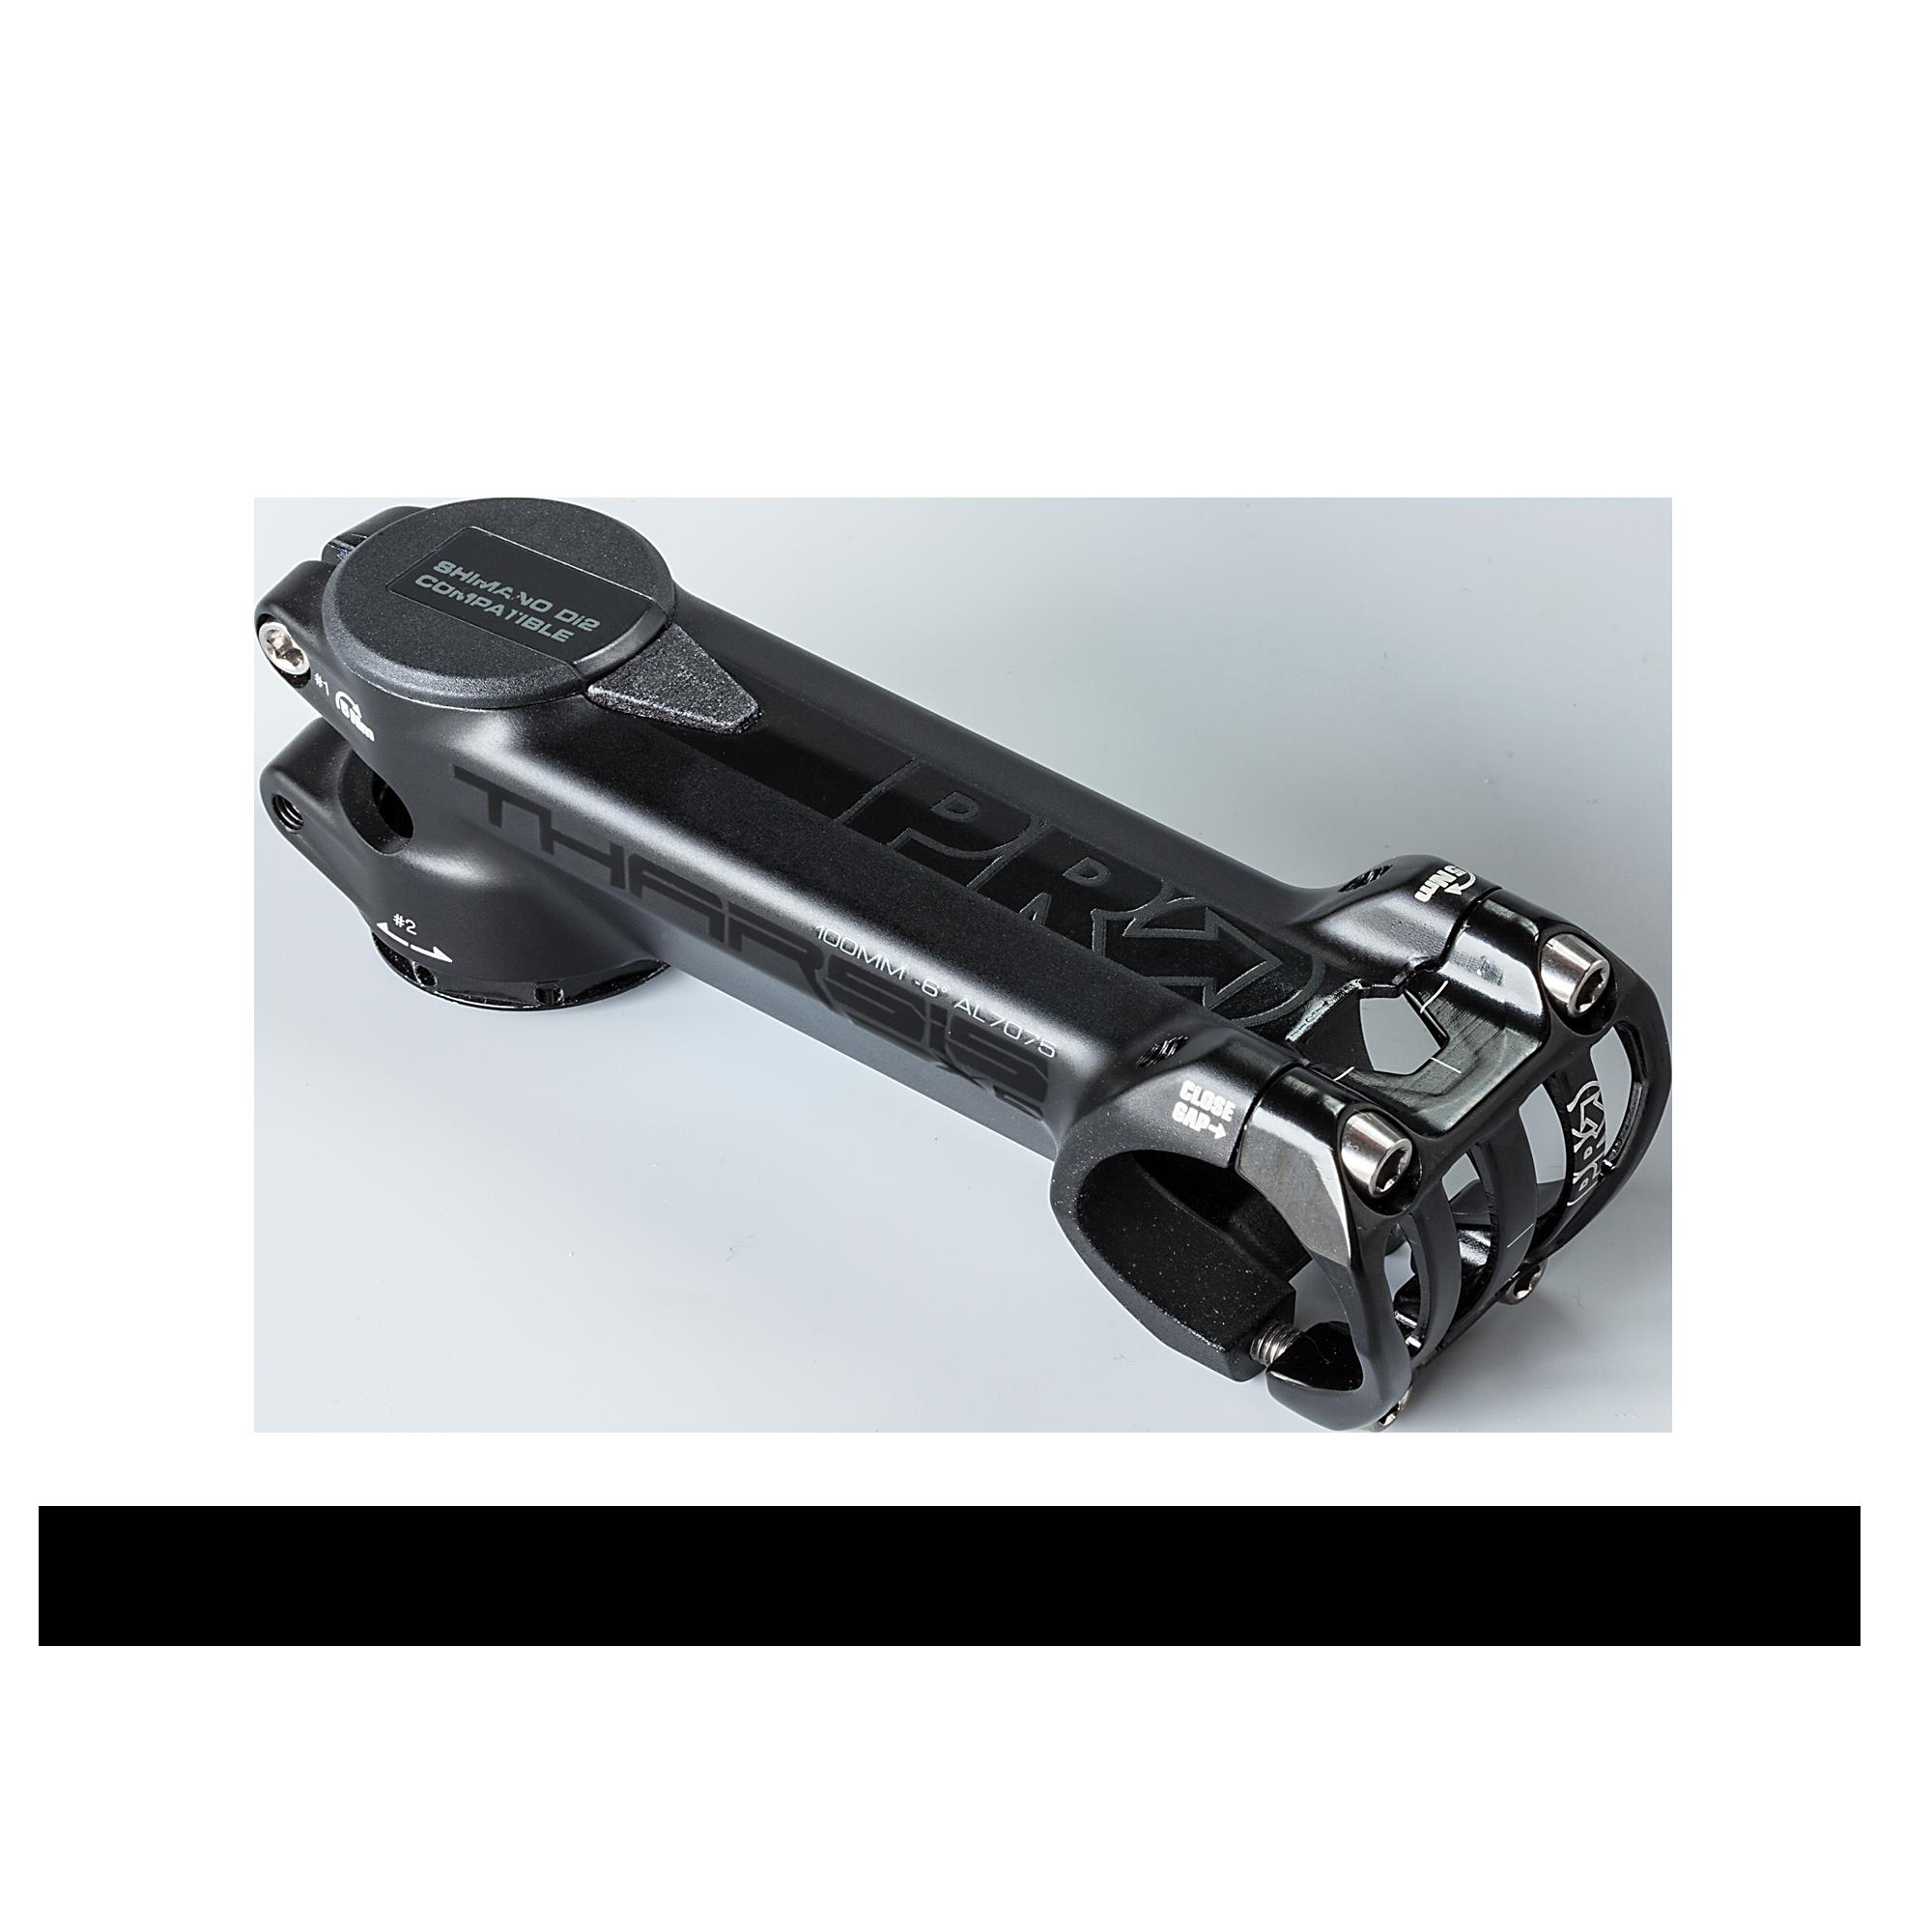 PRO Styrstam, Tharsis XC 31.8mm, -6grader